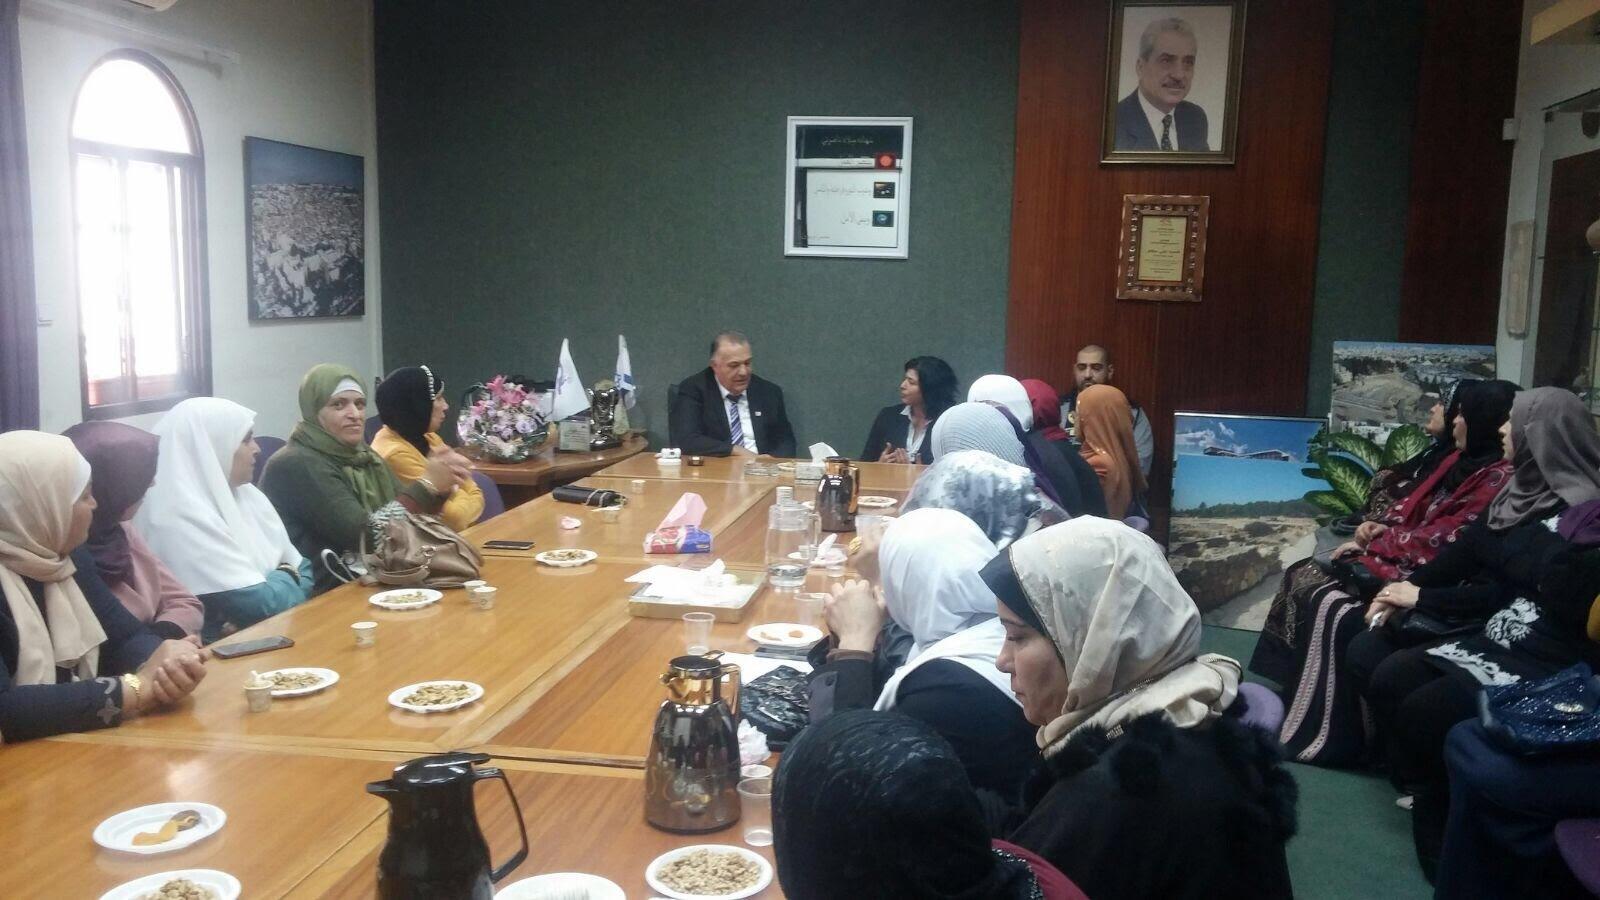 جمعية الامهات في مدرسة عمر بن الخطاب تلتقي رئيس بلدية الناصرة